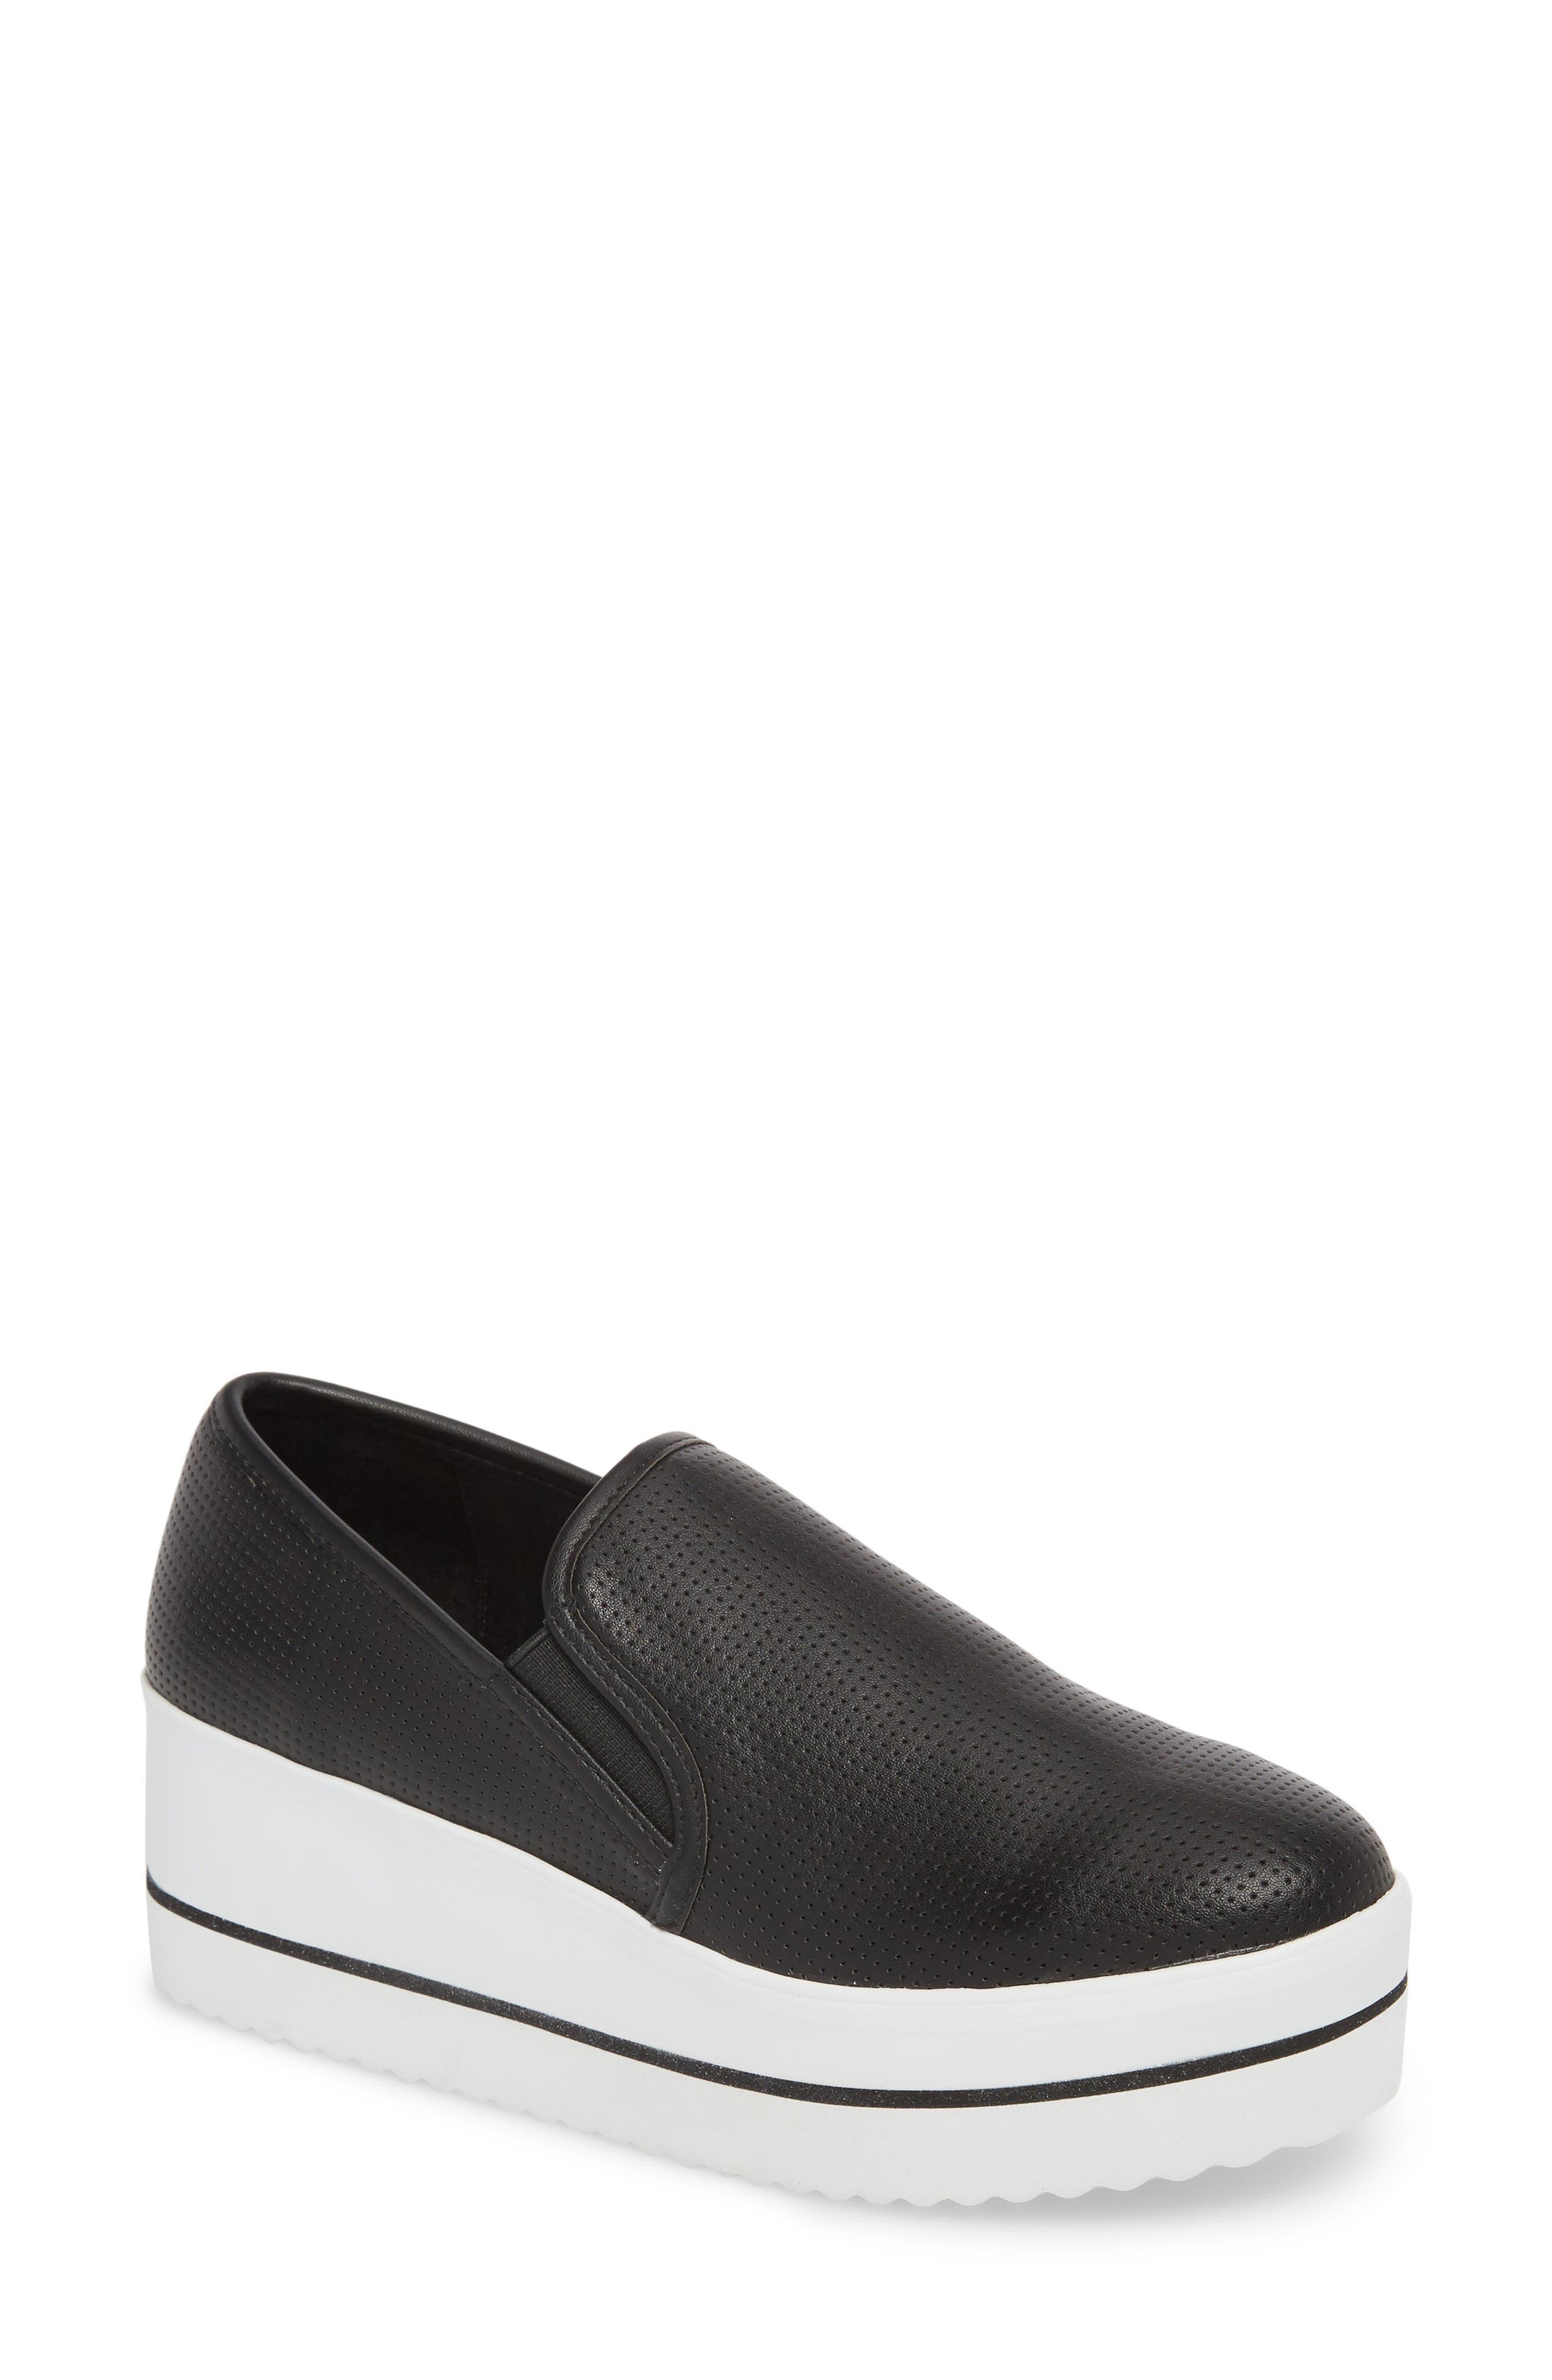 Becca Slip-On Sneaker,                         Main,                         color, 001